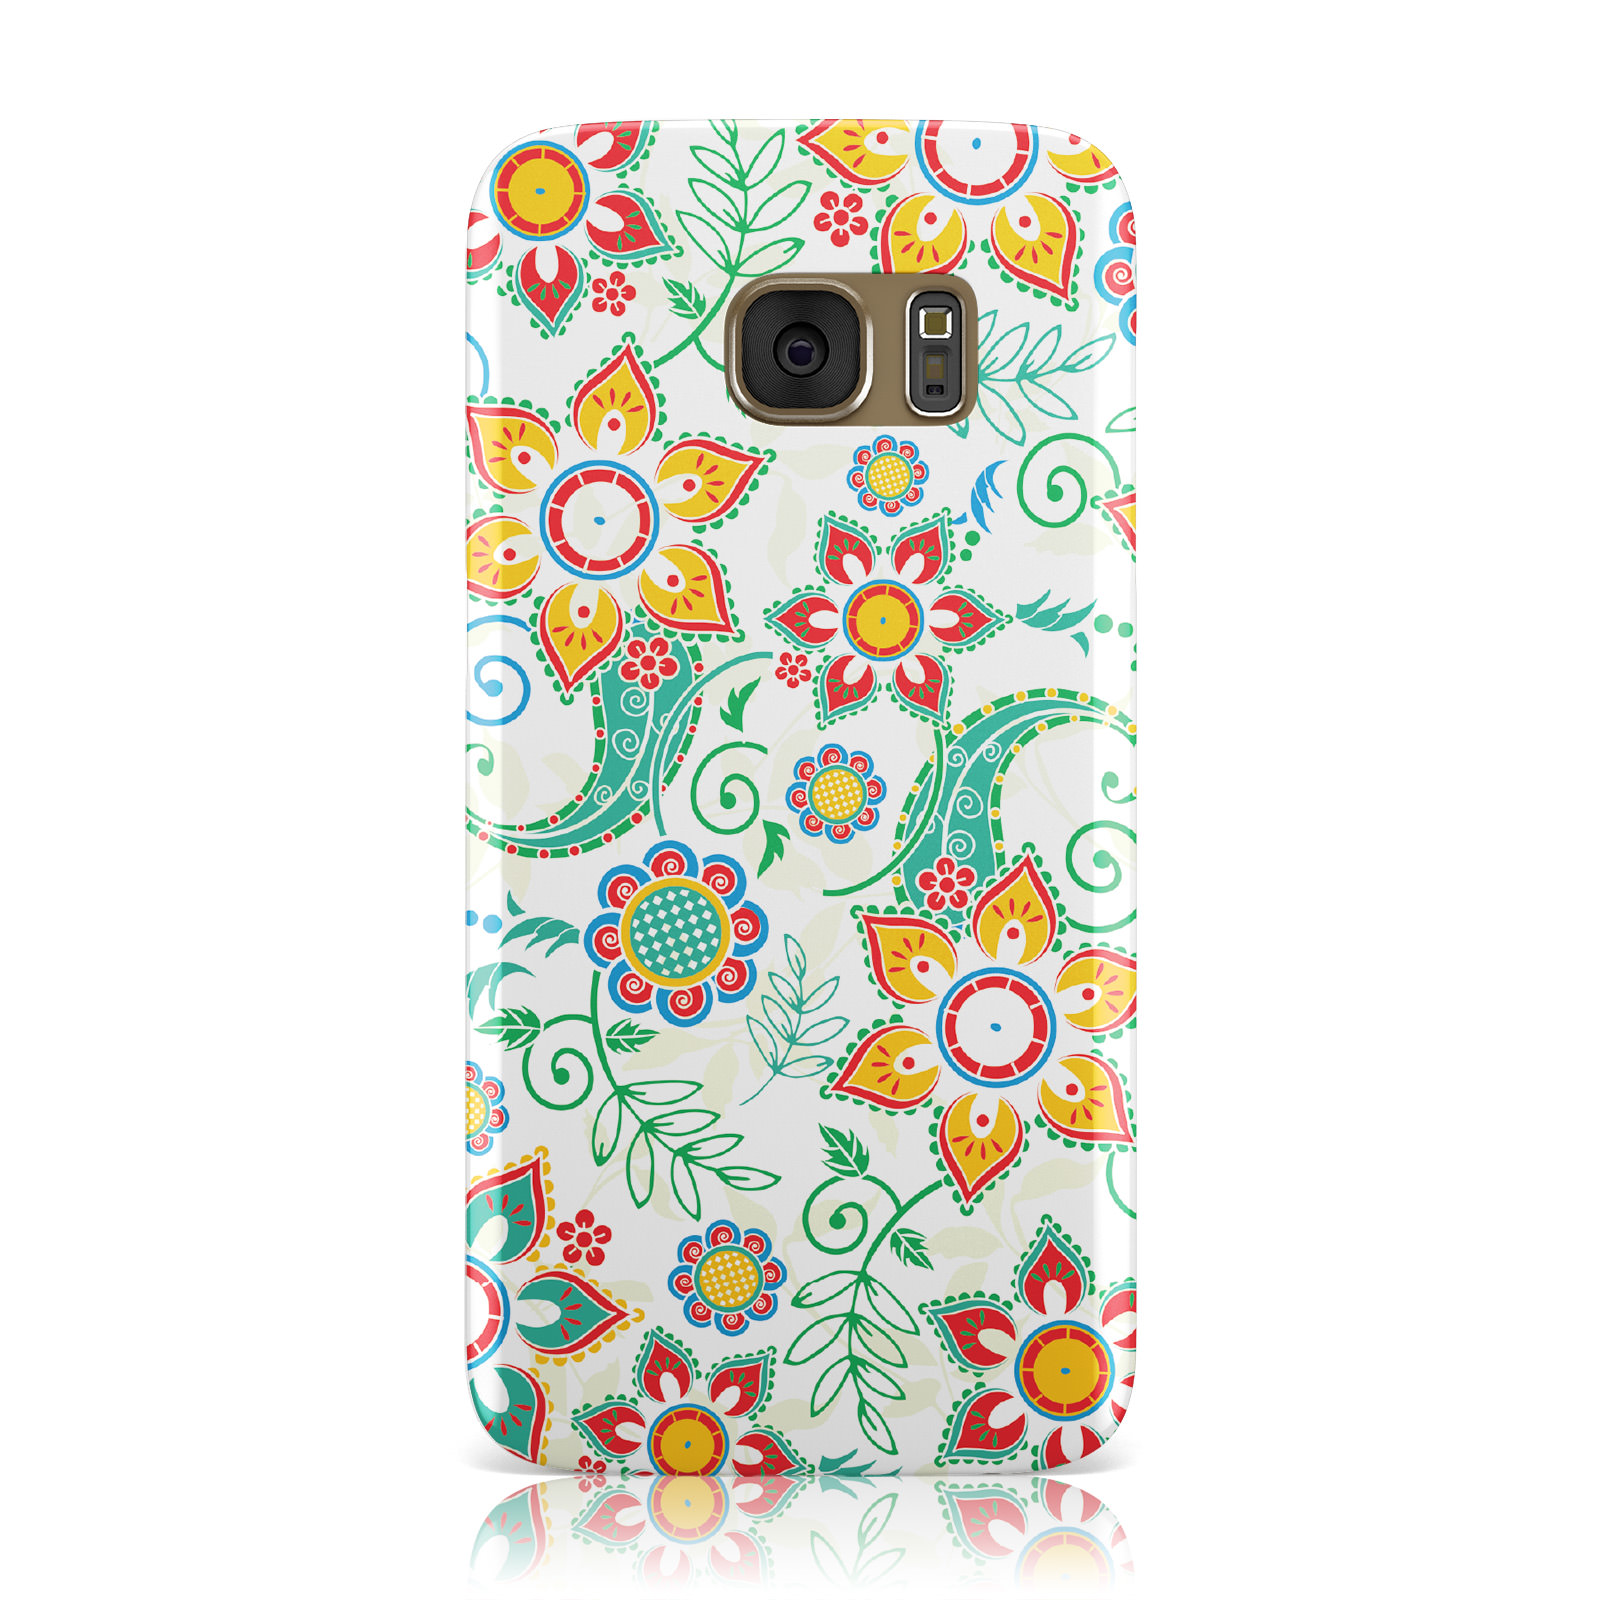 dyefor-Patron-Floral-Coleccion-Funda-para-telefonos-moviles-Samsung-Galaxy-S7